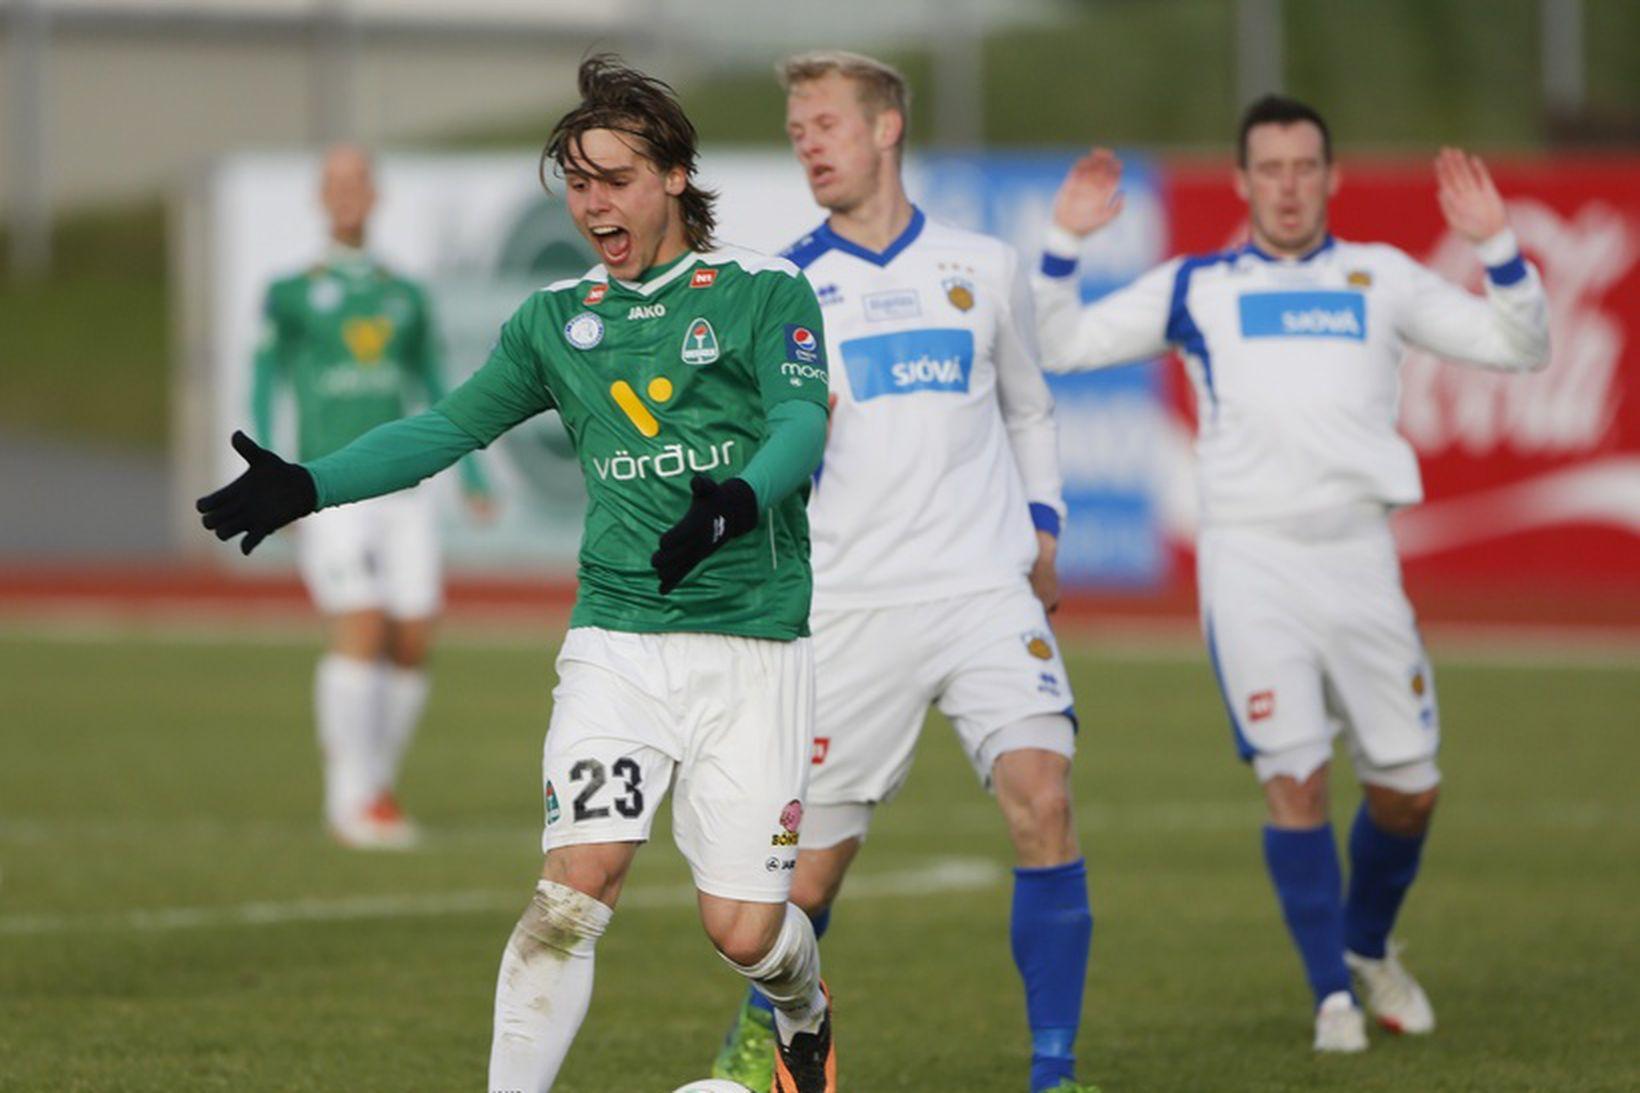 Árni Vilhjálmsson skoraði þrennu fyrir Breiðablik.